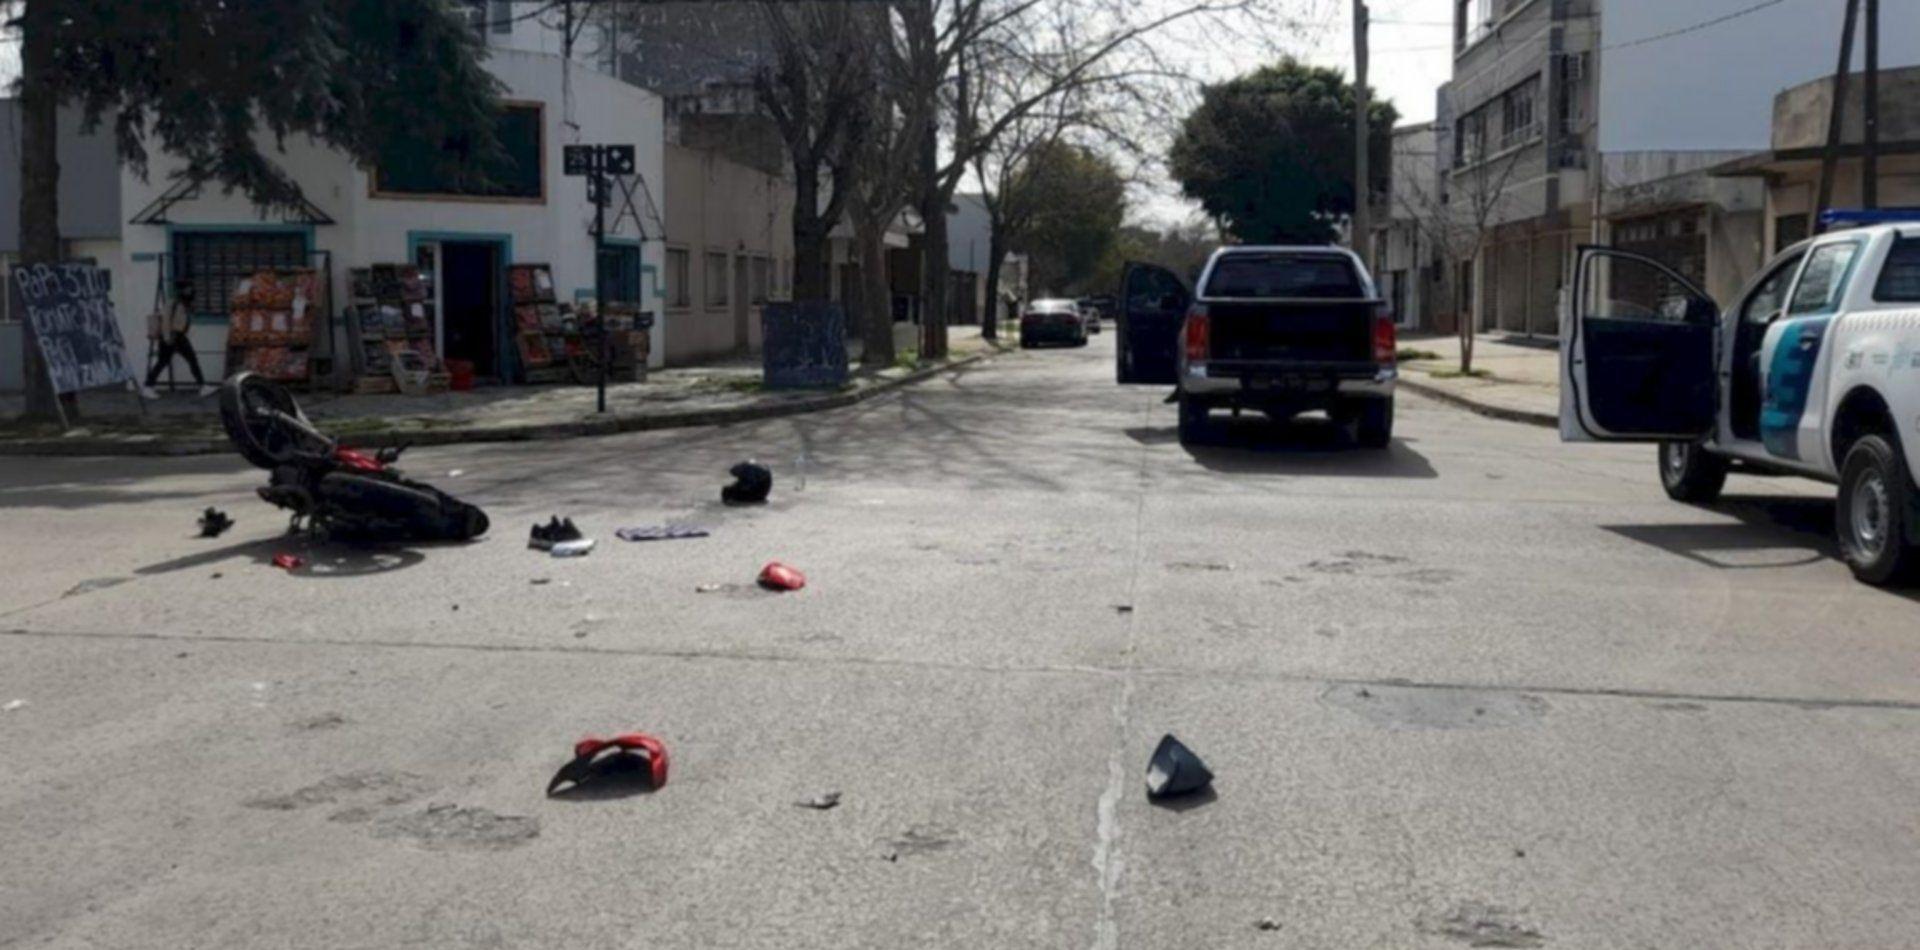 El motociclista tenía 28 años y sufrió un grave accidente en La Plata